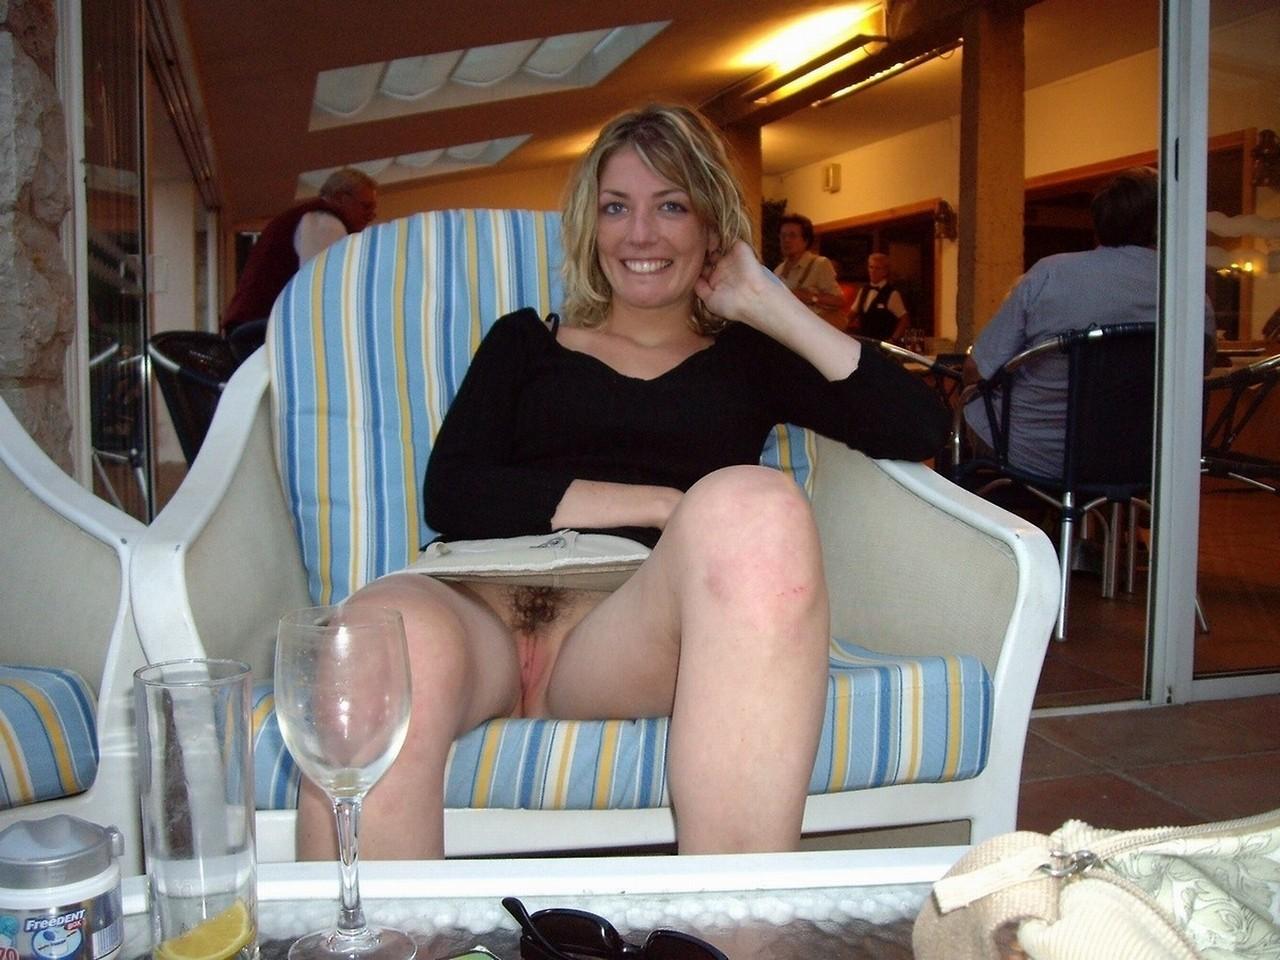 My perverted horny white wife enjoys vehement upskirt sex in homemade vid